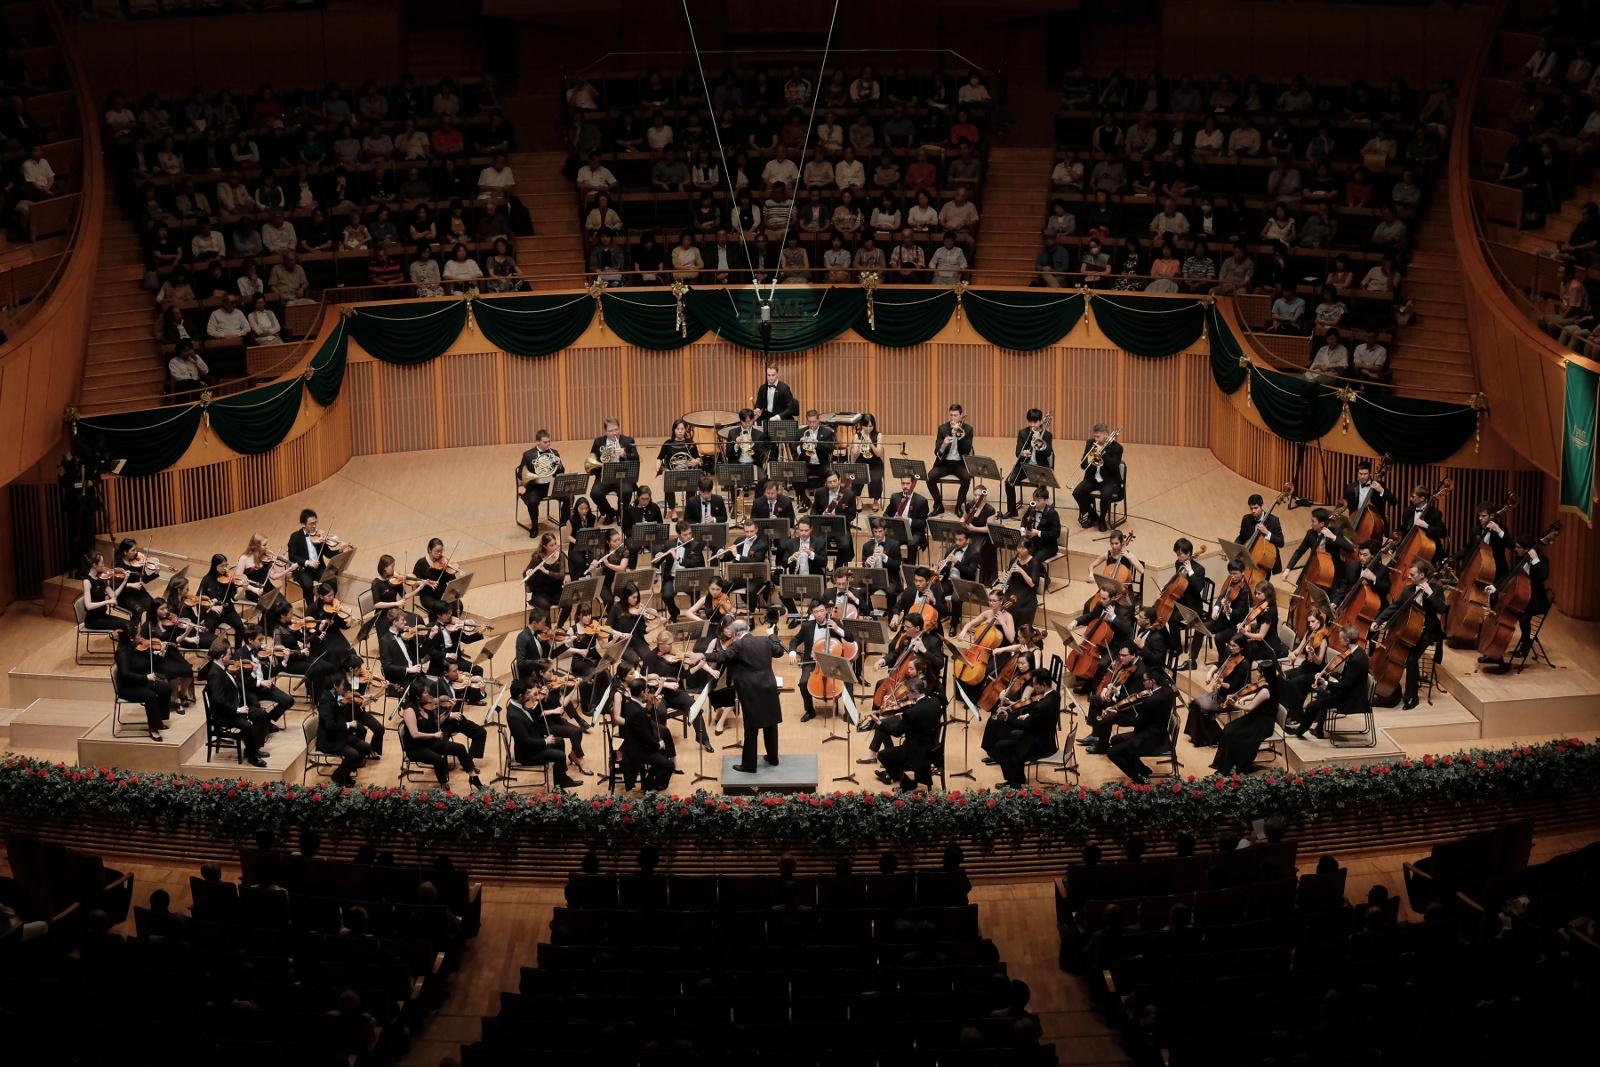 フィナーレを迎えたPMF!その集大成となるコンサートの模様をリポート